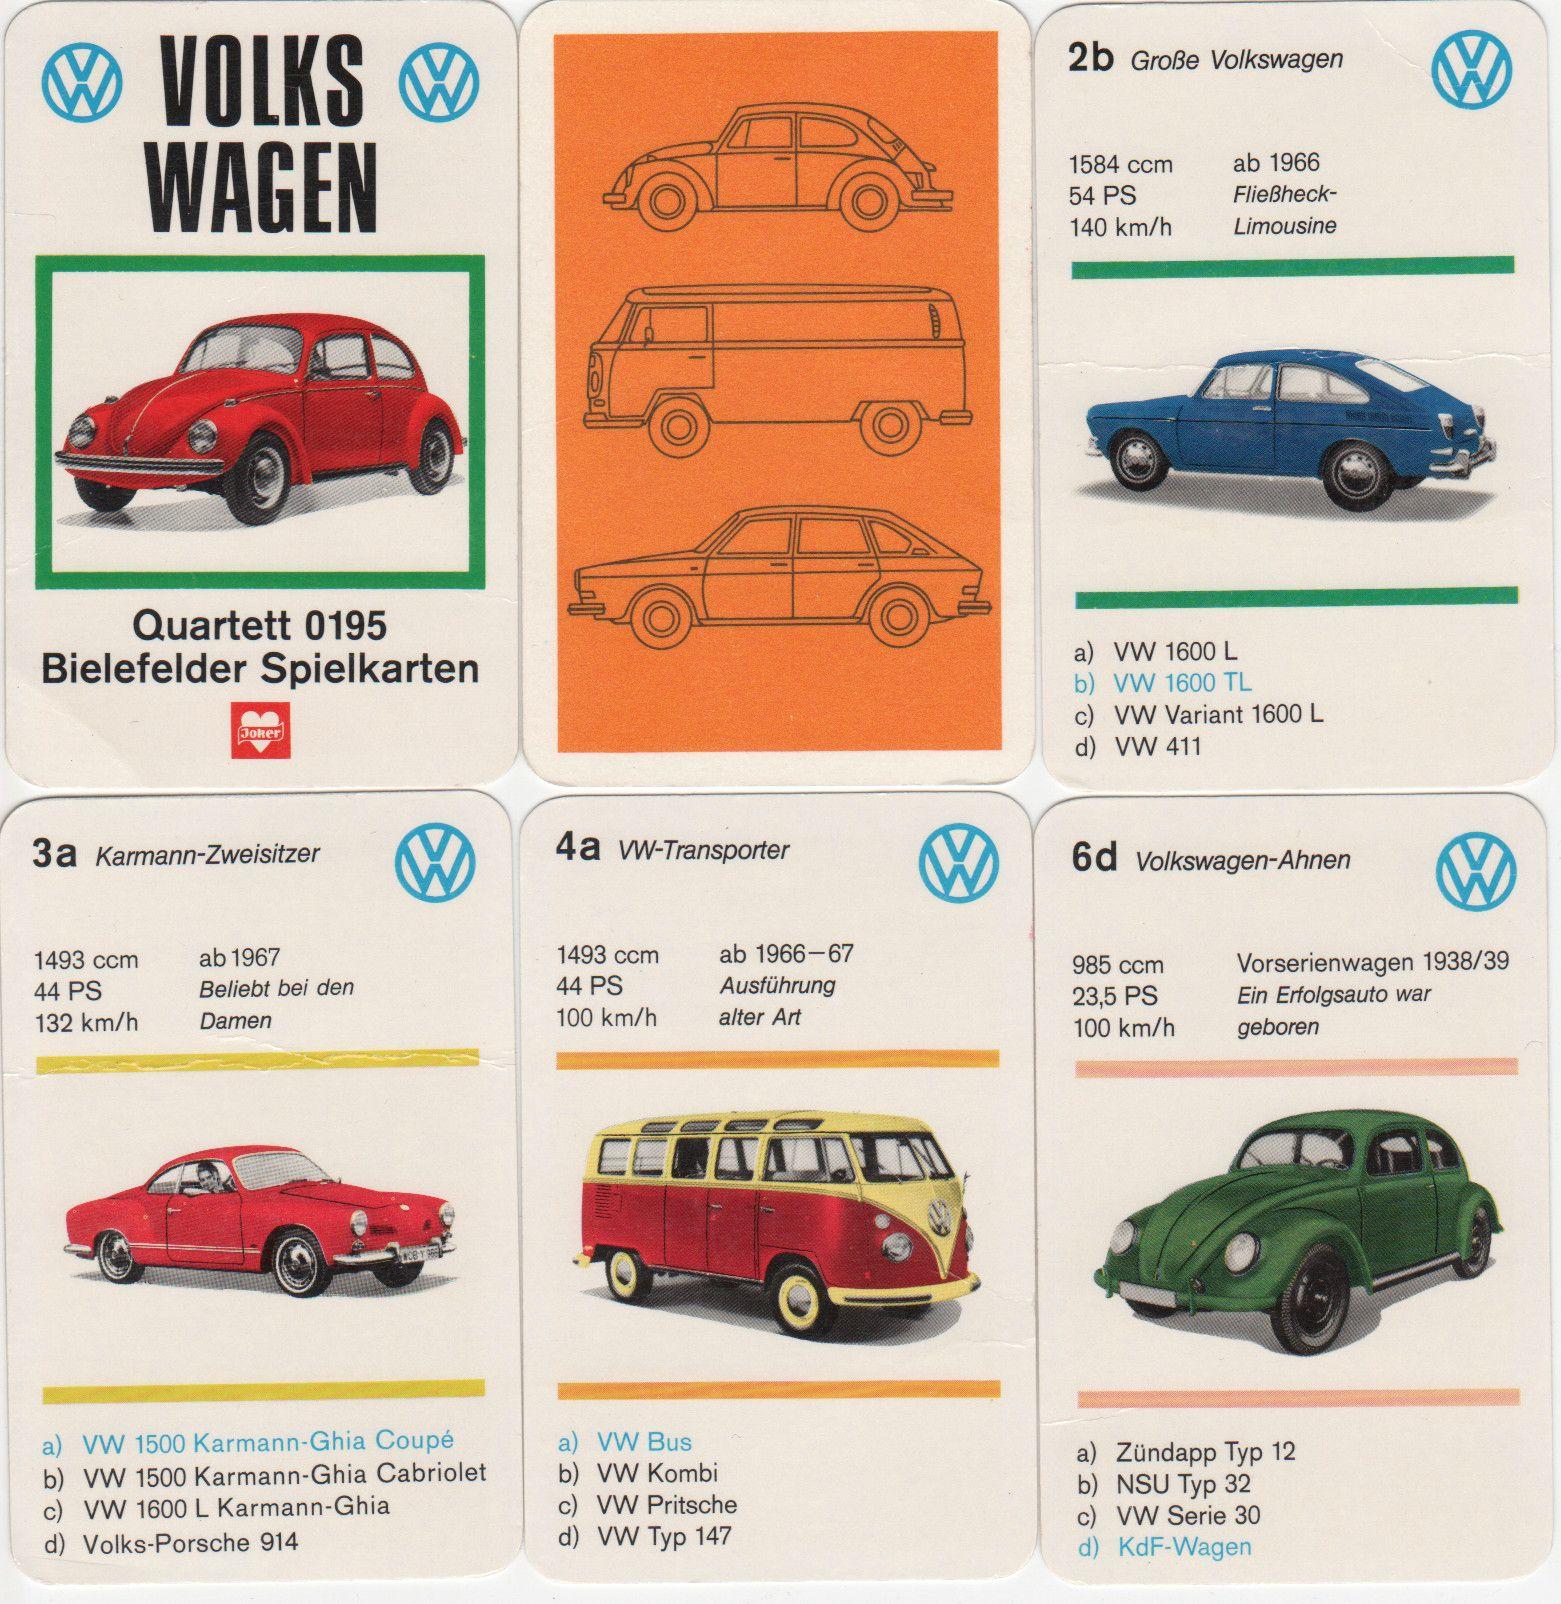 bielefelder_0195_Volkswagen